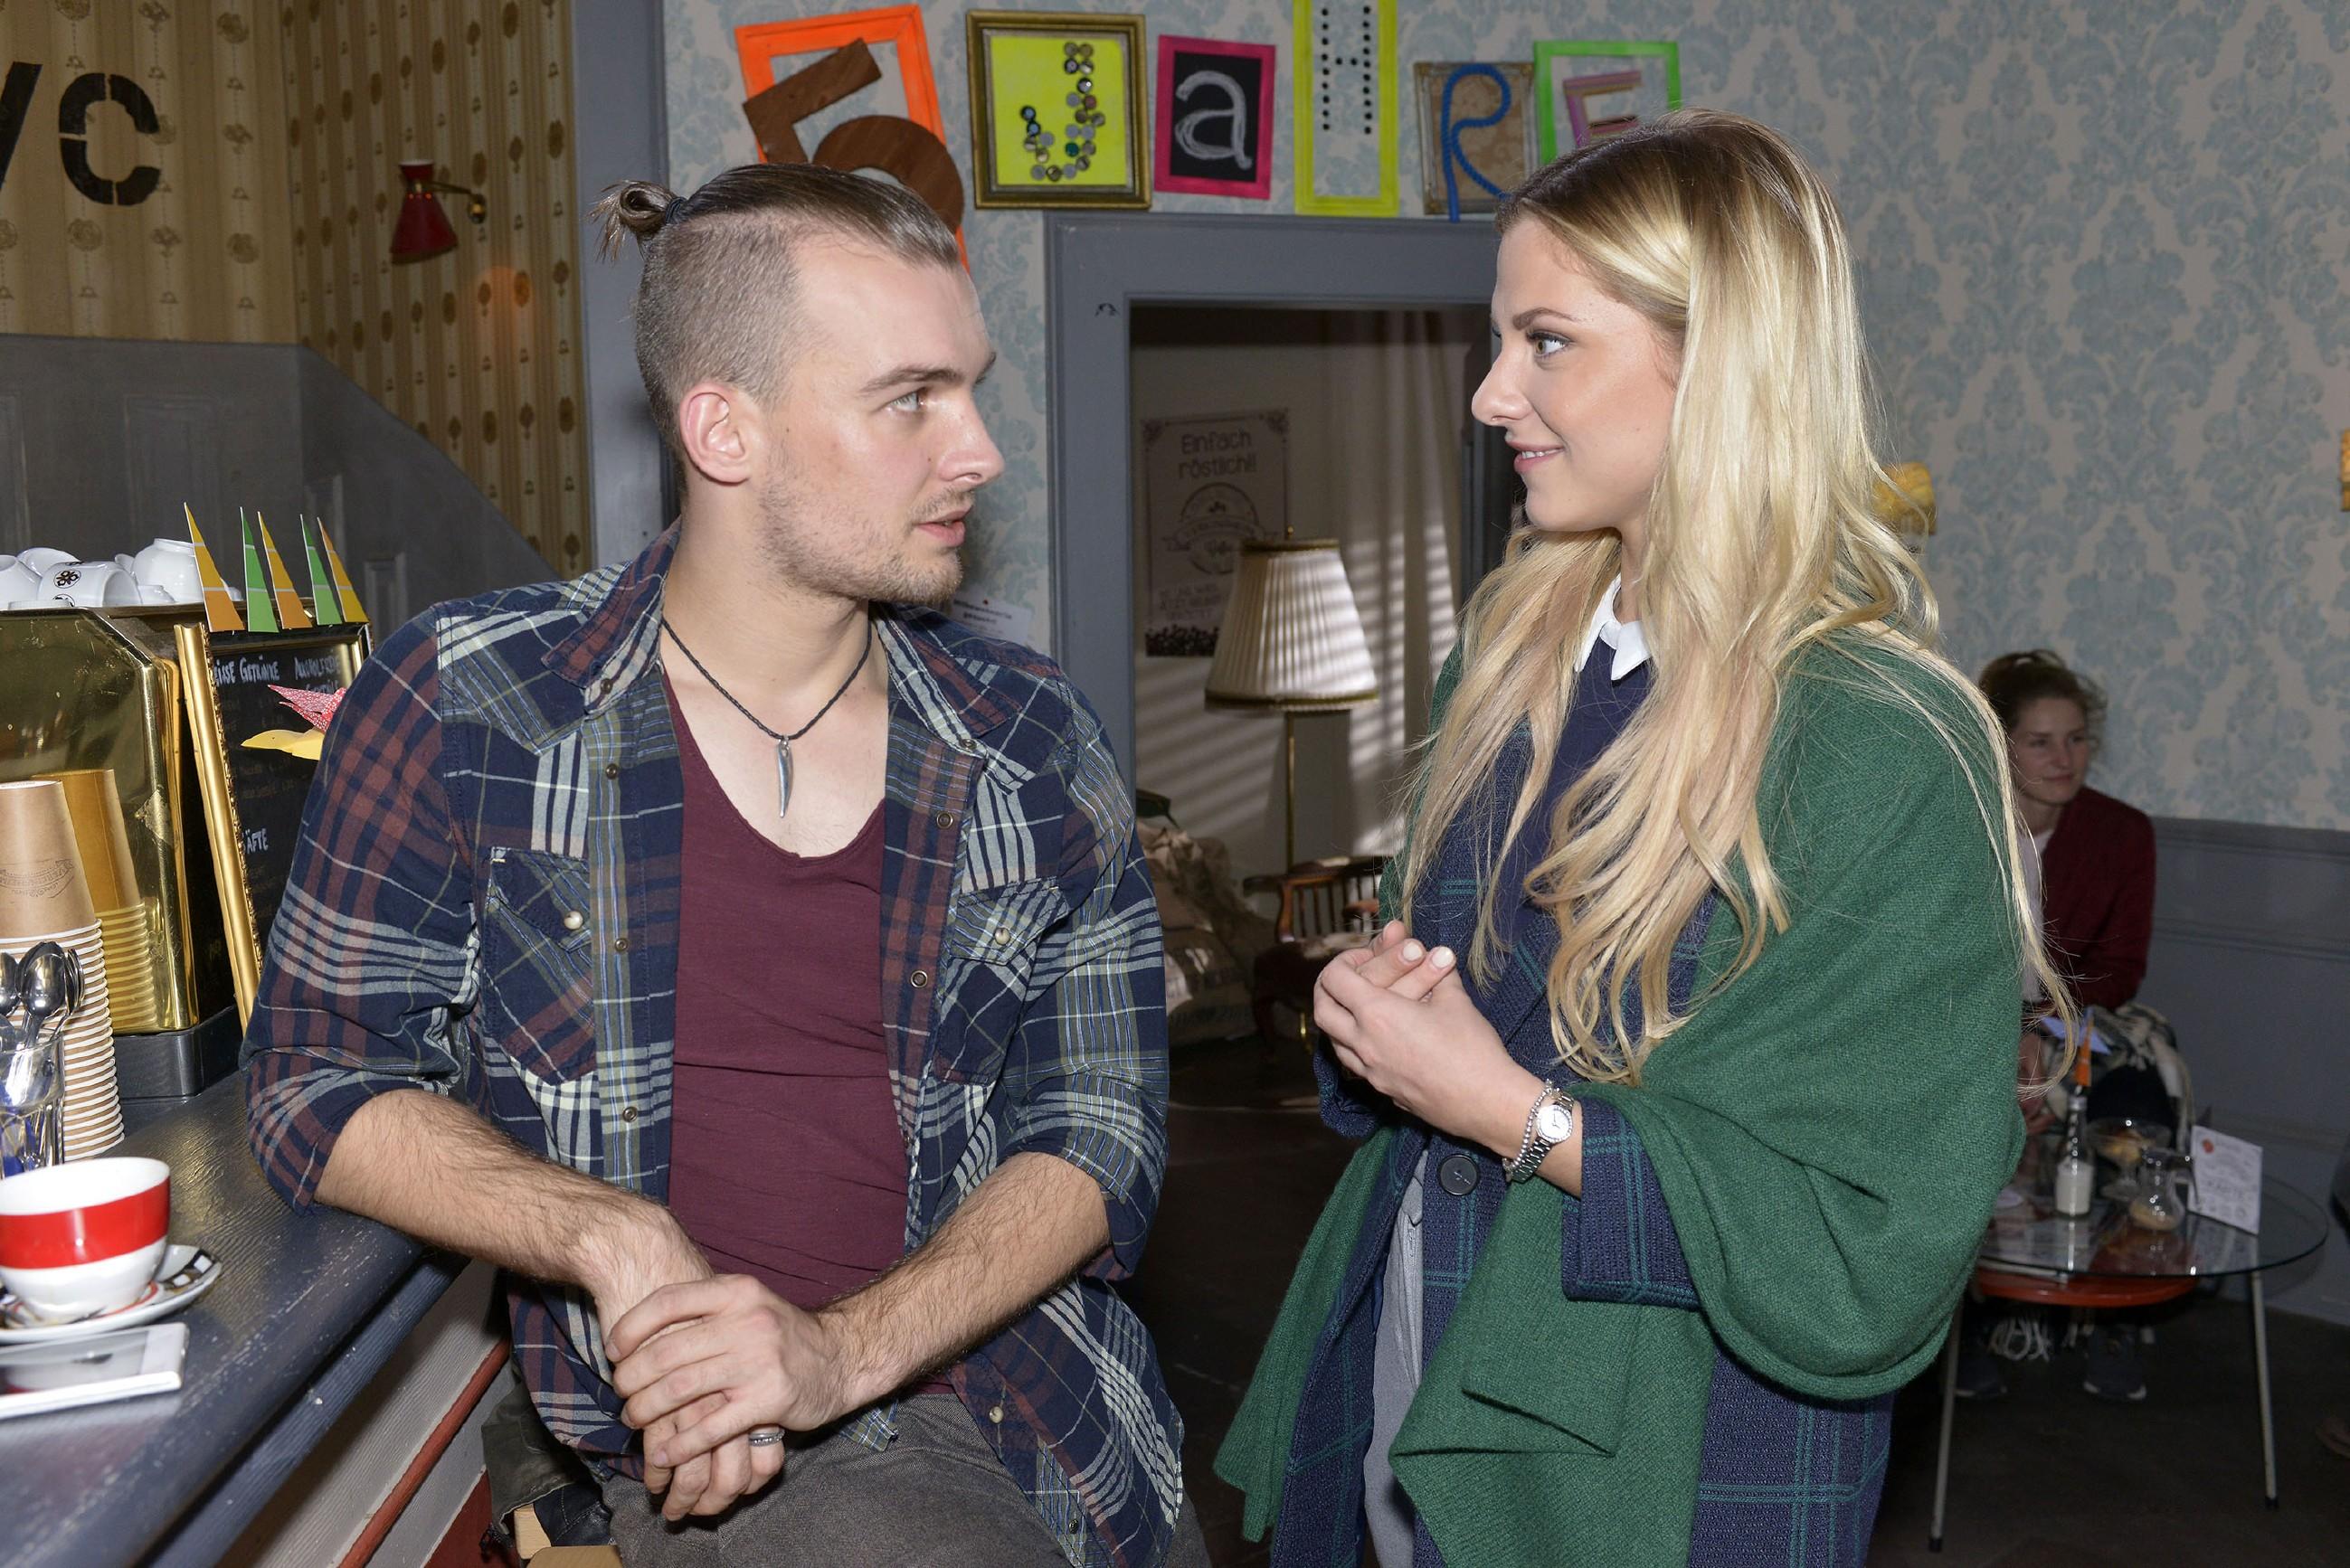 Während Sunny (Valentina Pahde) froh ist, Chris (Eric Stehfest) nicht als Freund zu verlieren, wird diesem klar, wie sehr es ihn stört, dass Sunny mit seinem Bruder zusammen ist... (Quelle: RTL / Rolf Baumgartner)